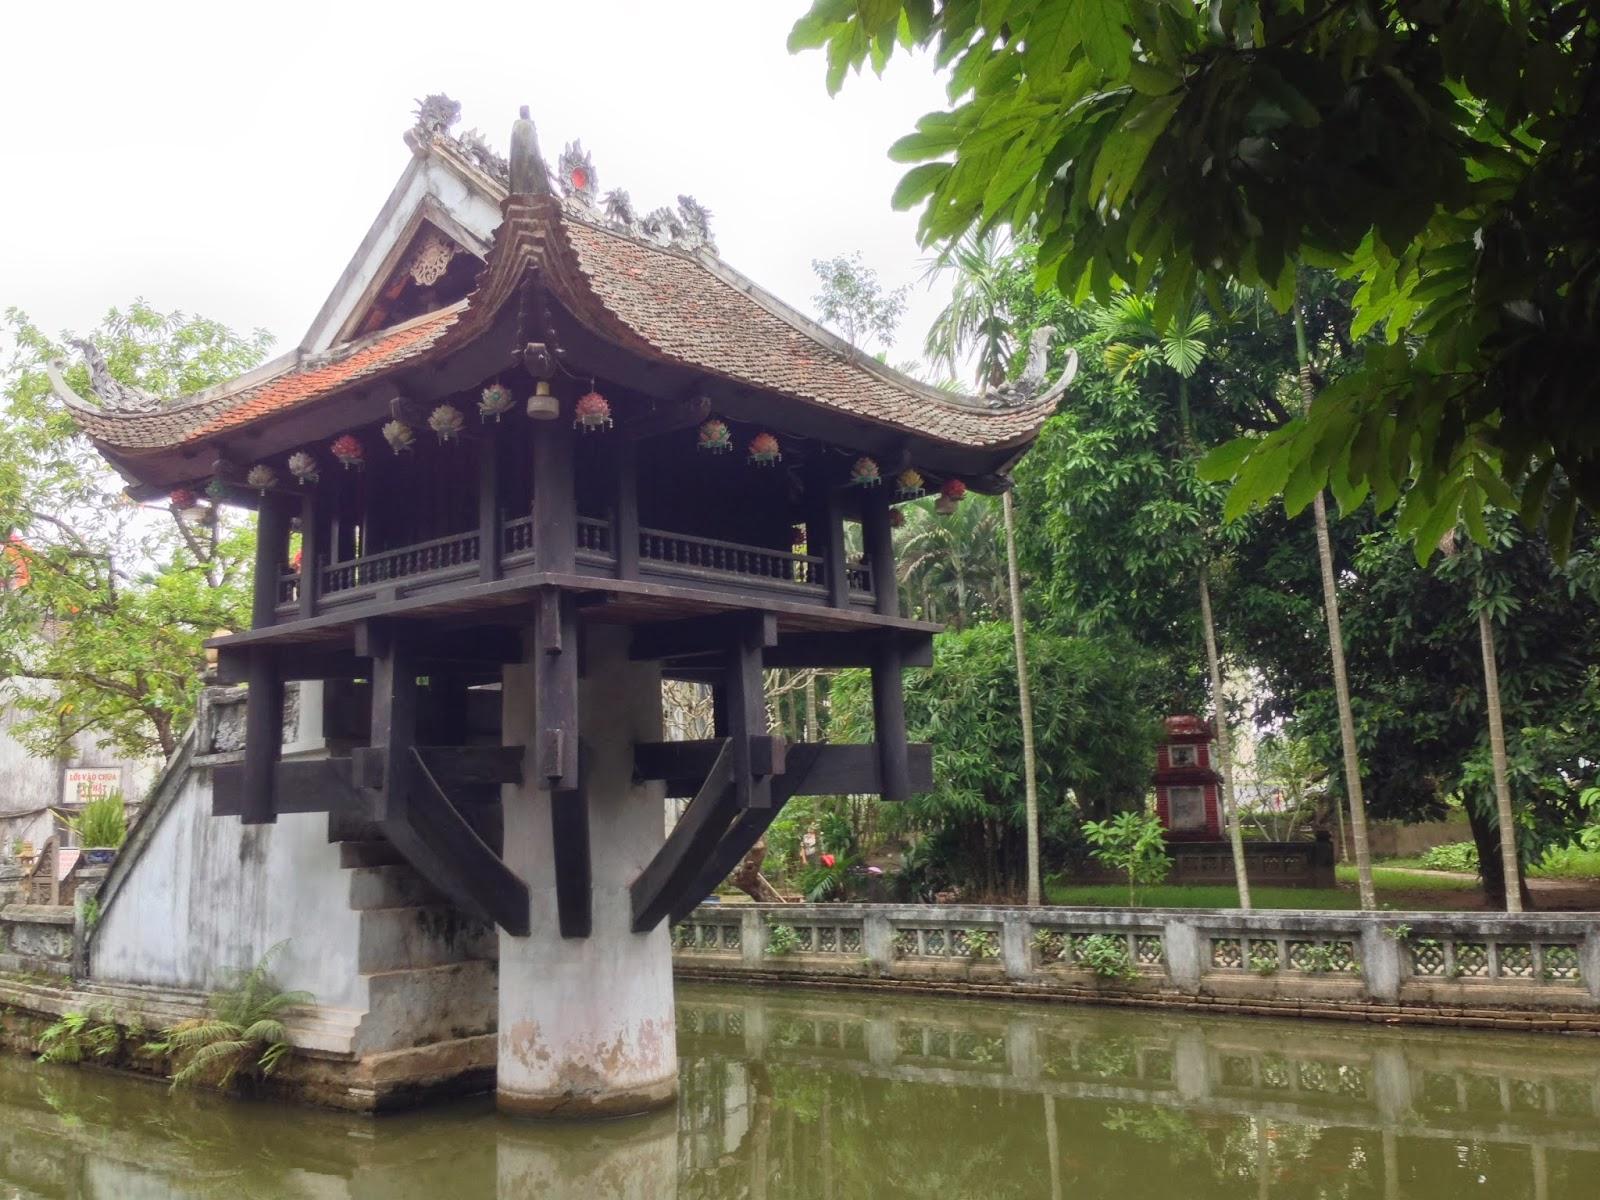 La pagoda de confucio - 3 8